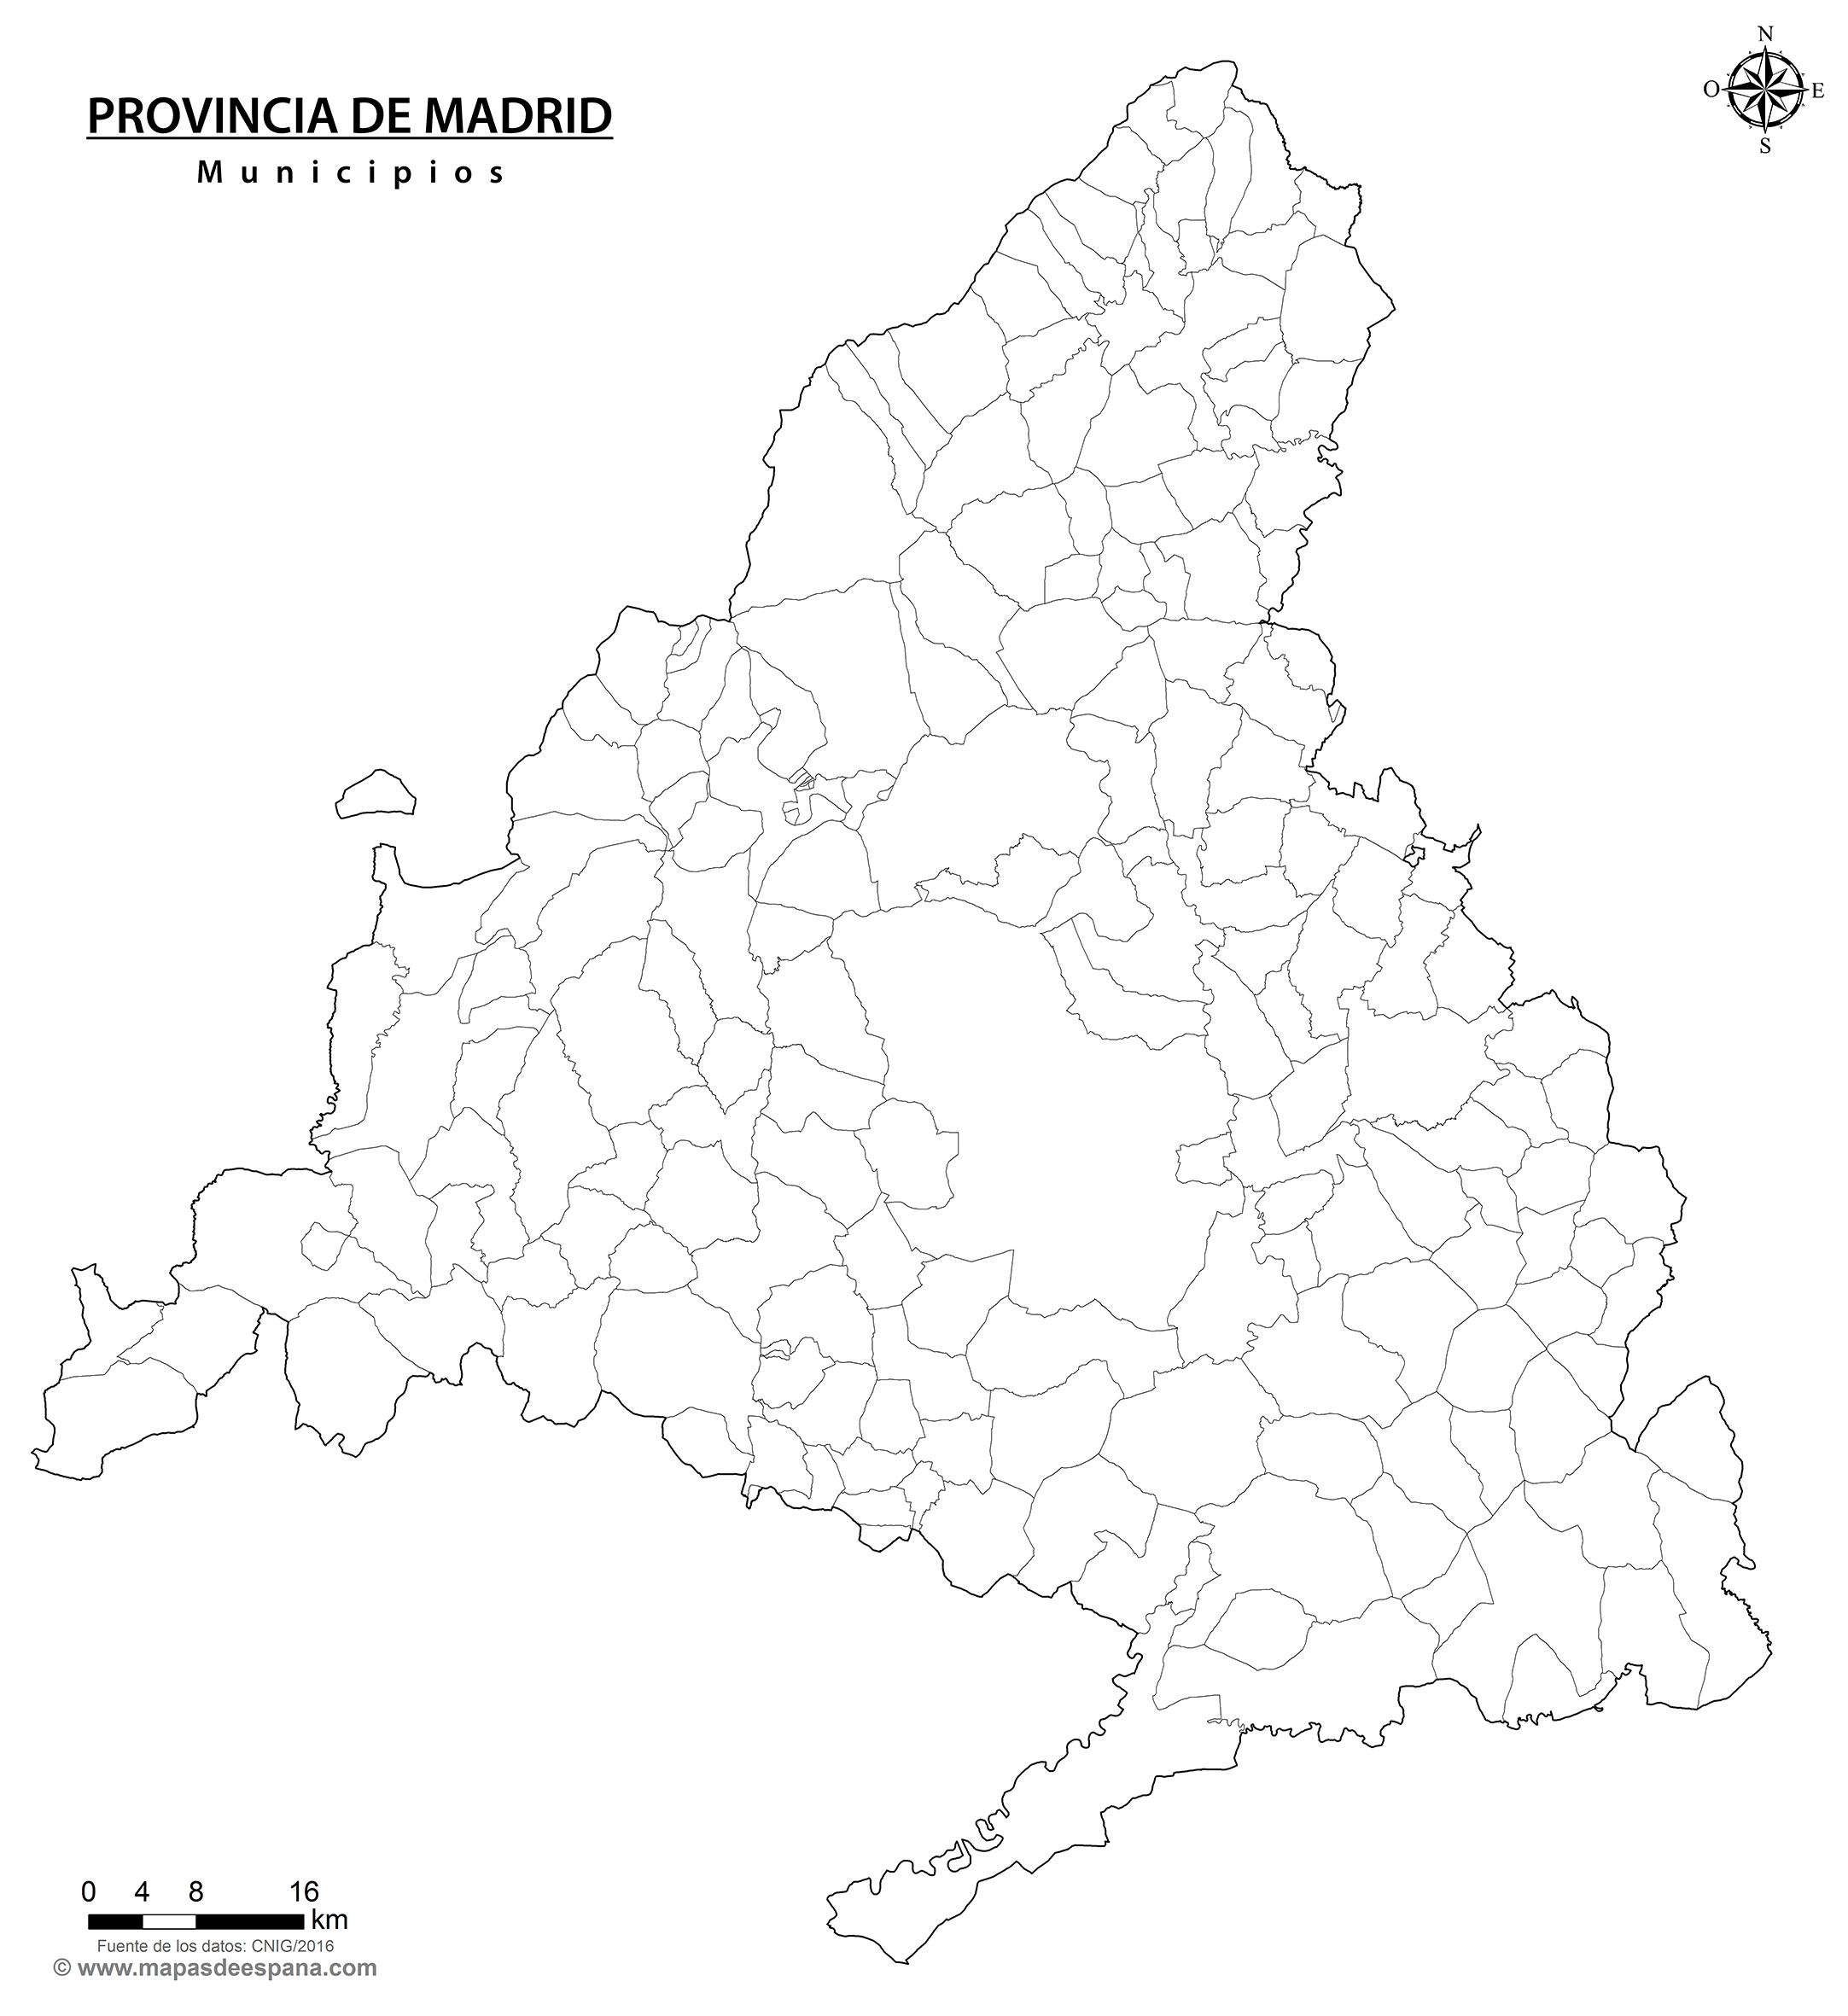 Municipios De Madrid Mapa.Mapa Mudo De La Provincia De Madrid